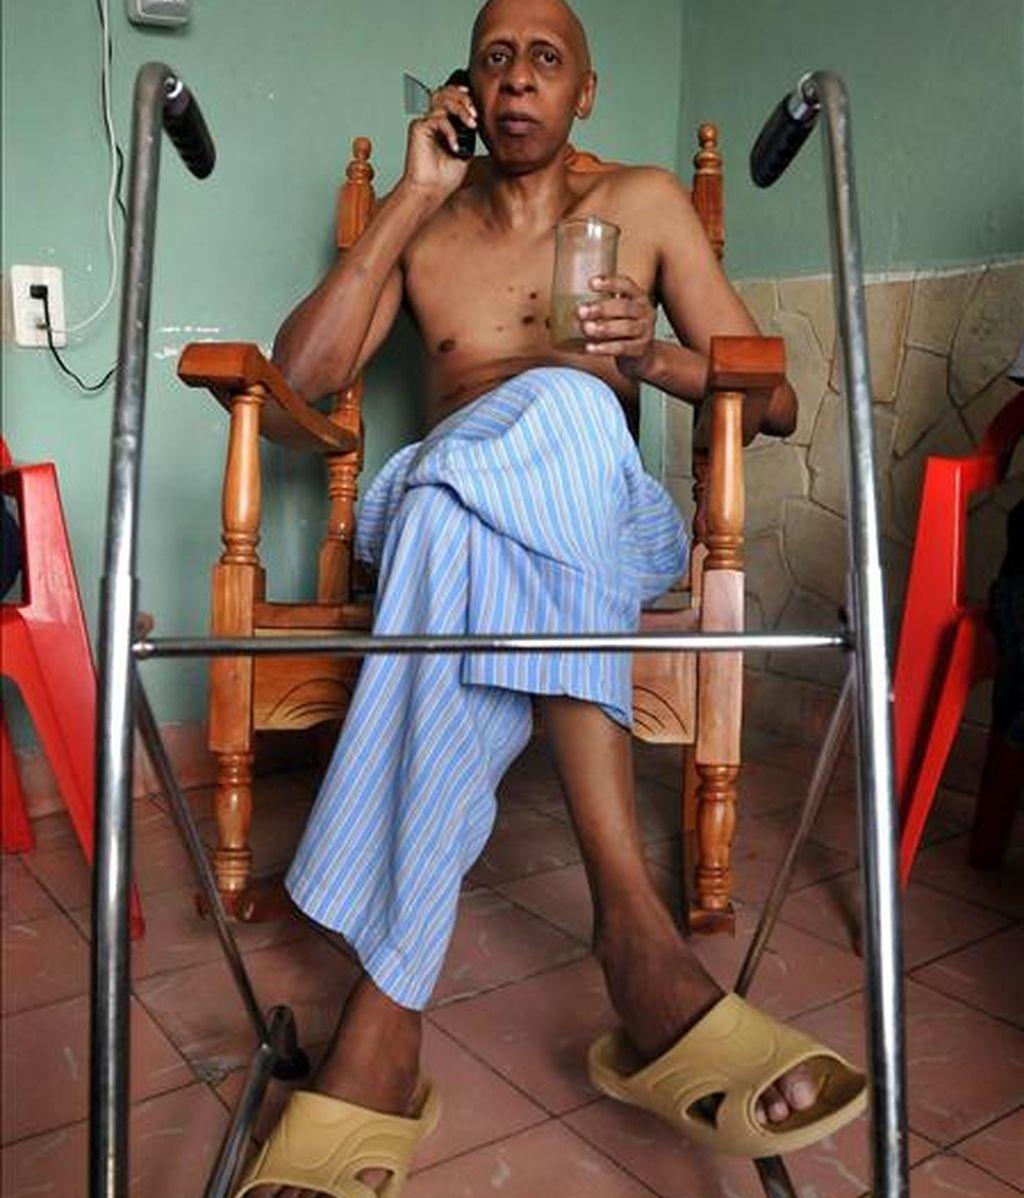 El disidente cubano Guillermo Fariñas en el día en que fue informado de su designación para el premio Sájarov 2010 a la libertad de conciencia, en Santa Clara (Cuba). EFE/Archivo